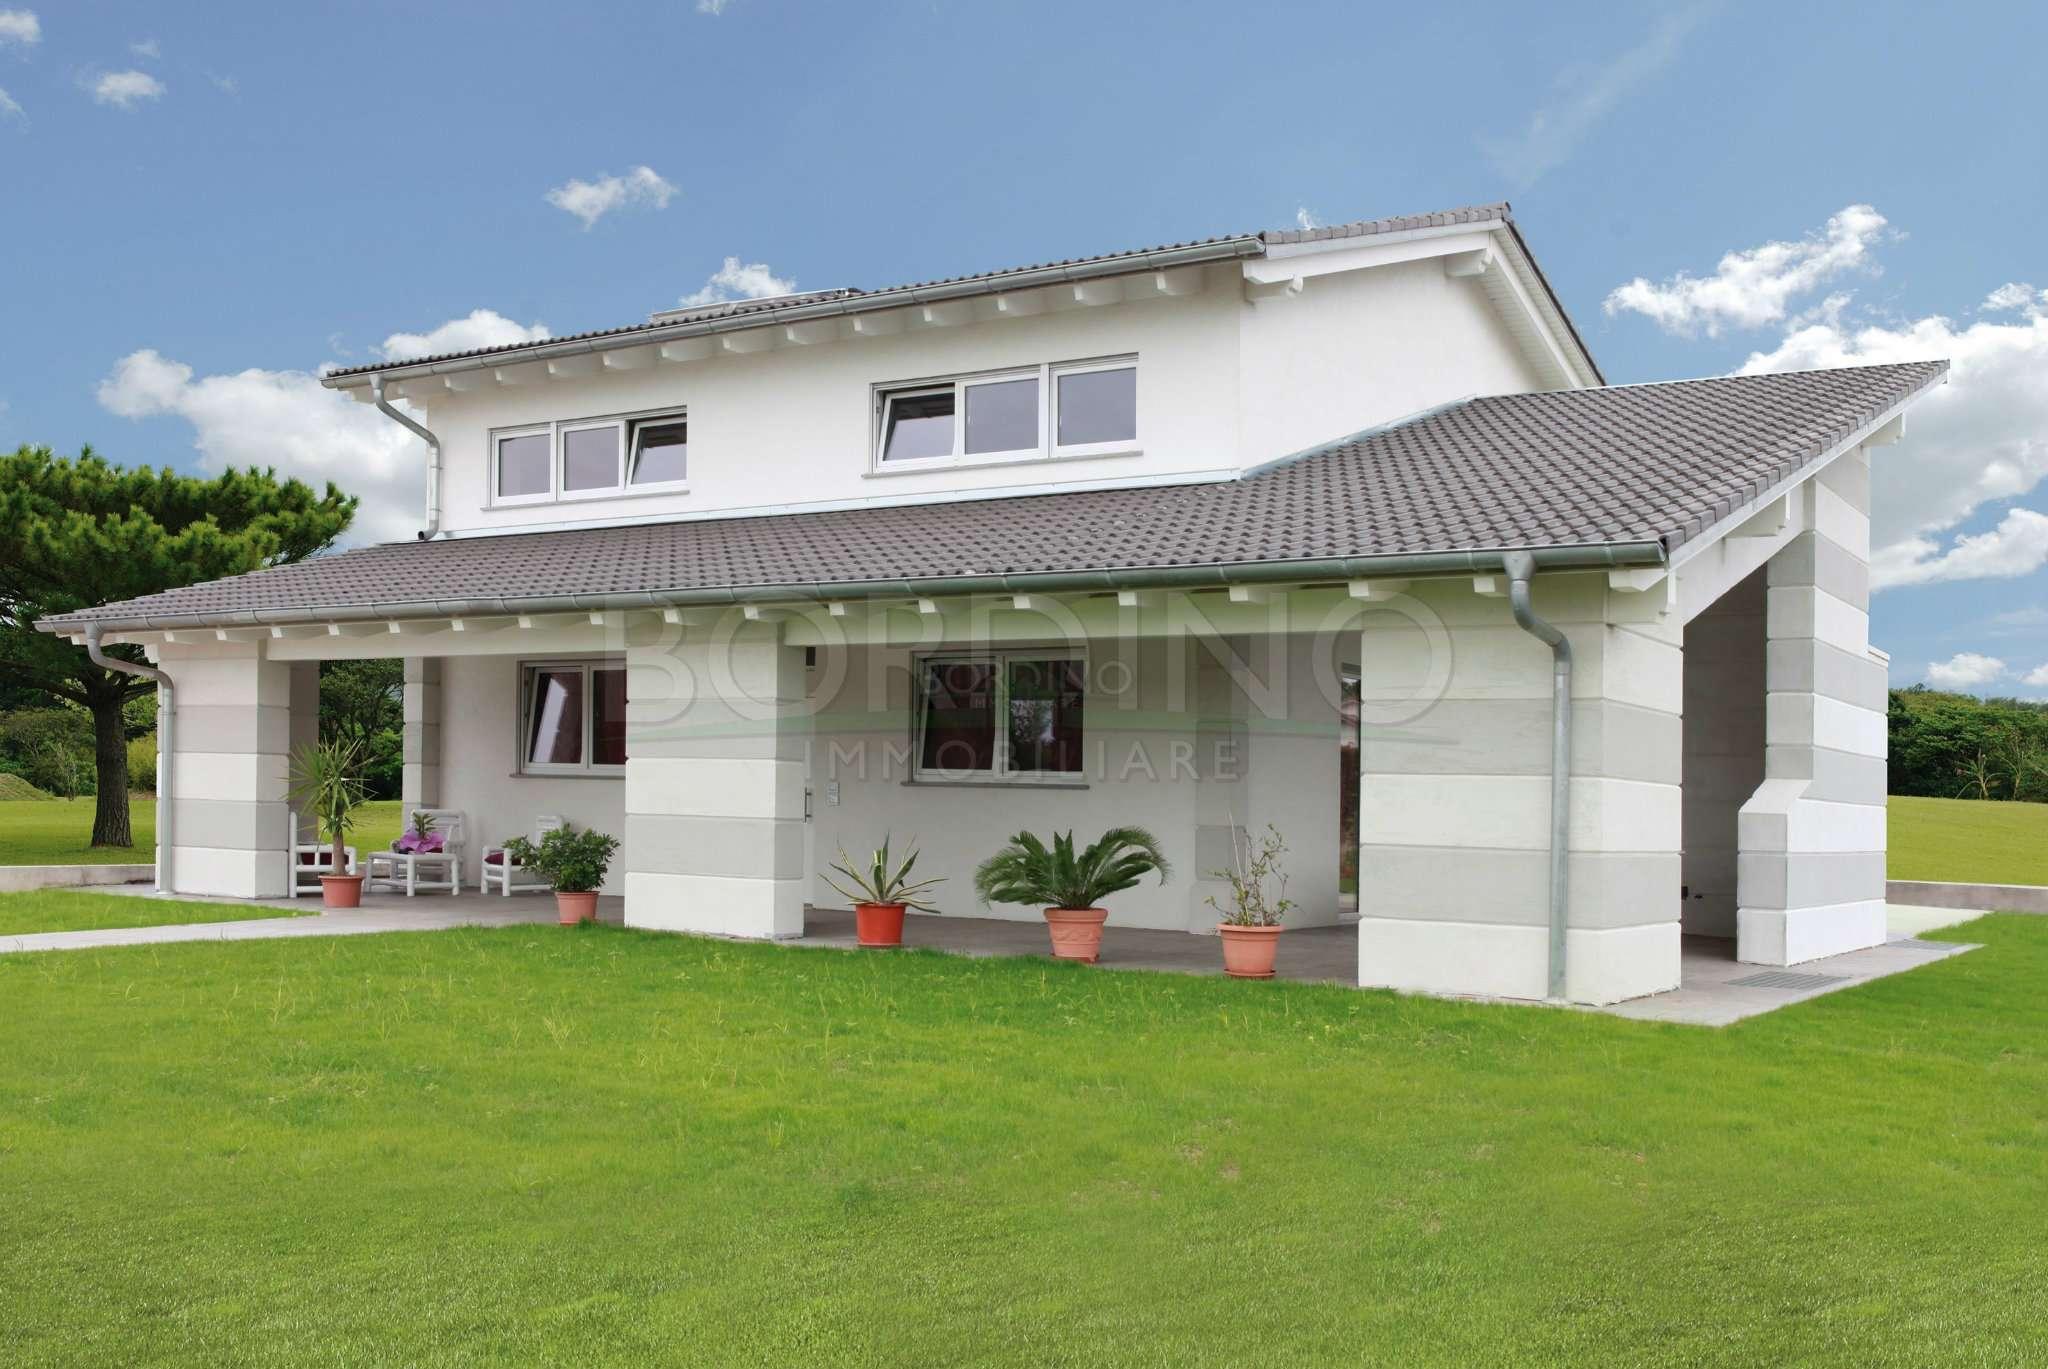 Villa in vendita a Govone, 6 locali, prezzo € 30.000 | PortaleAgenzieImmobiliari.it